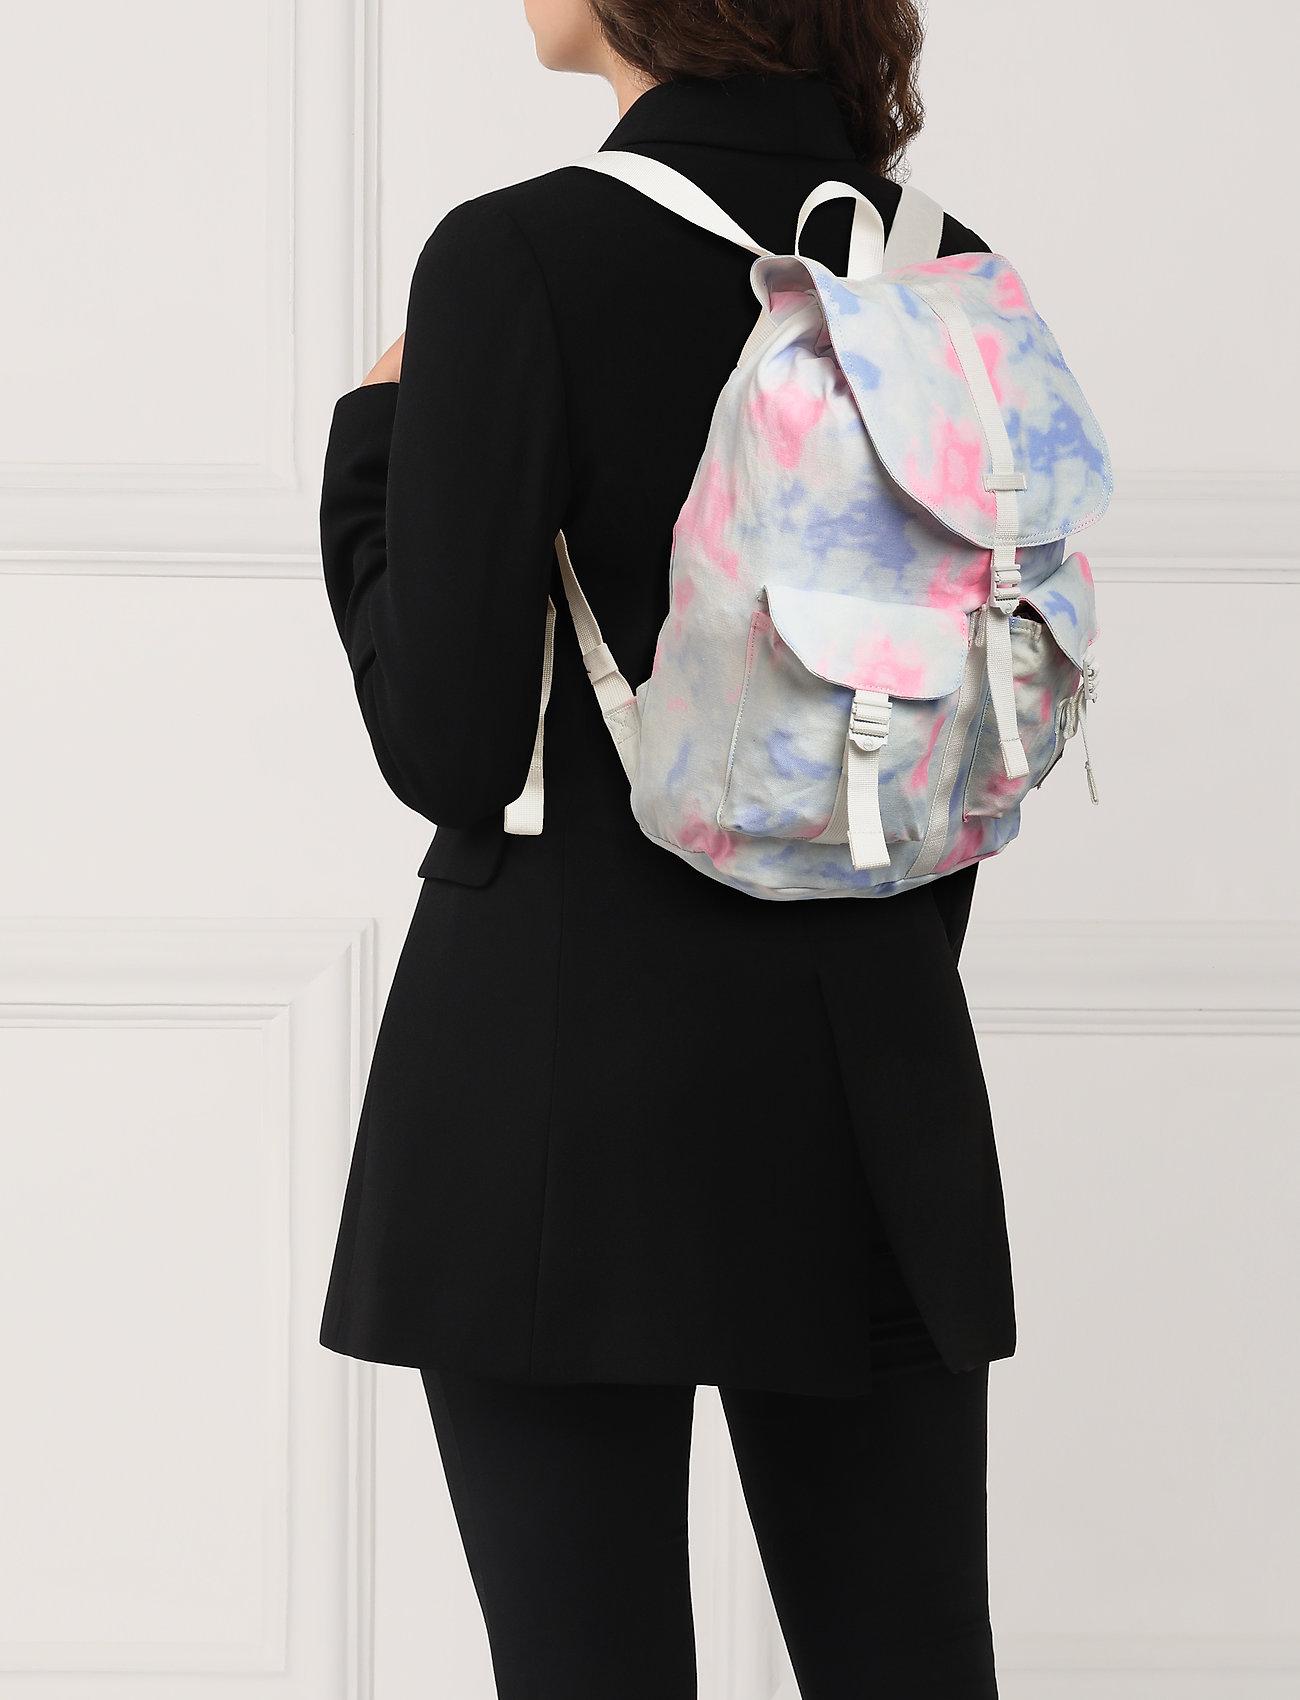 Herschel Dawson-Tie Dye Print/Blanc De Blanc - TIE DYE PRINT/BLANC DE BLANC